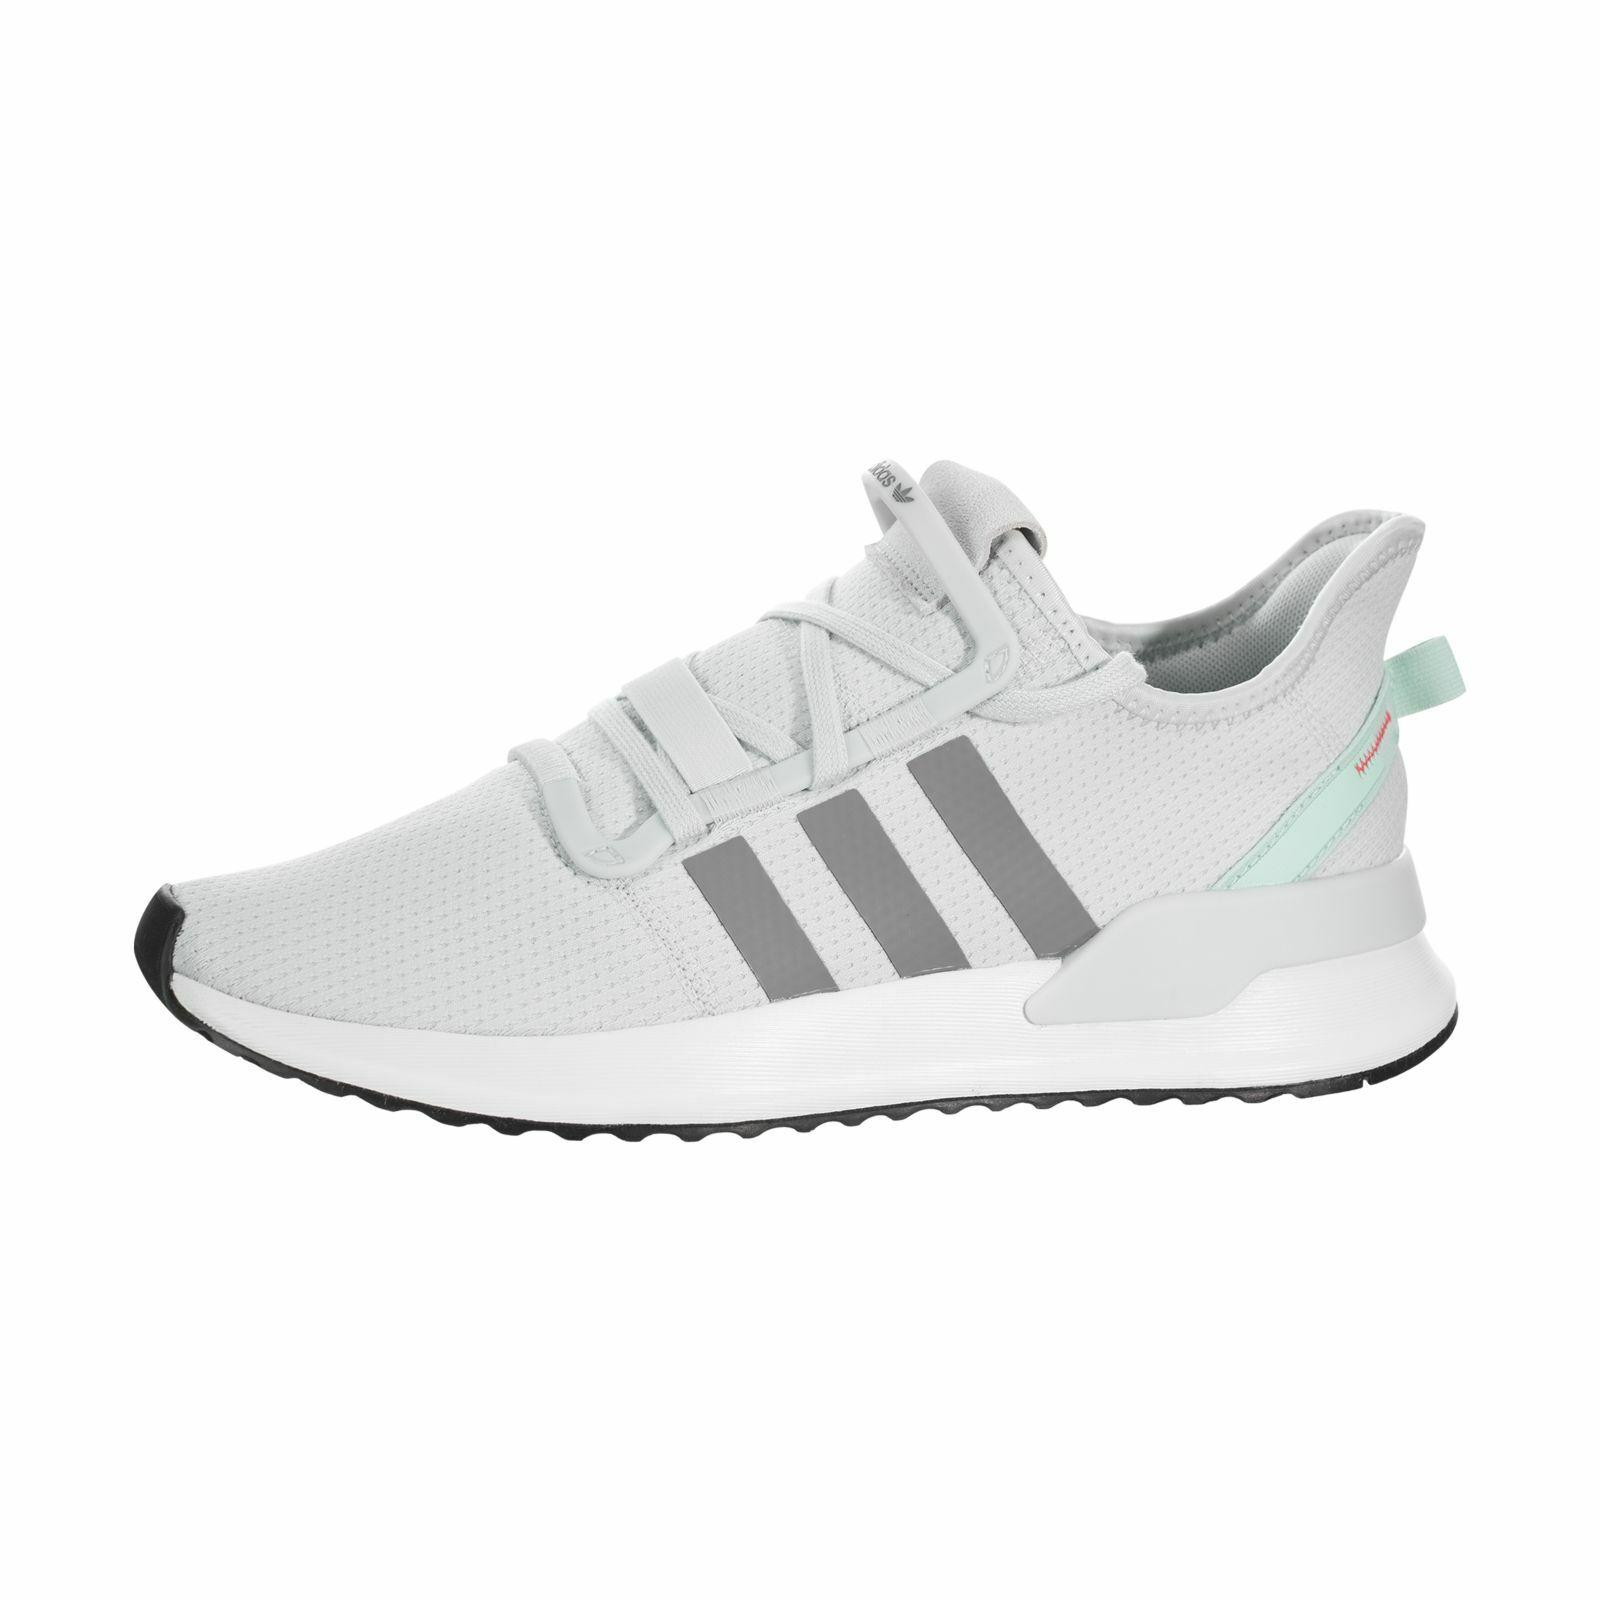 Adidas U Path springa g27638 g27638 g27638  köp bäst